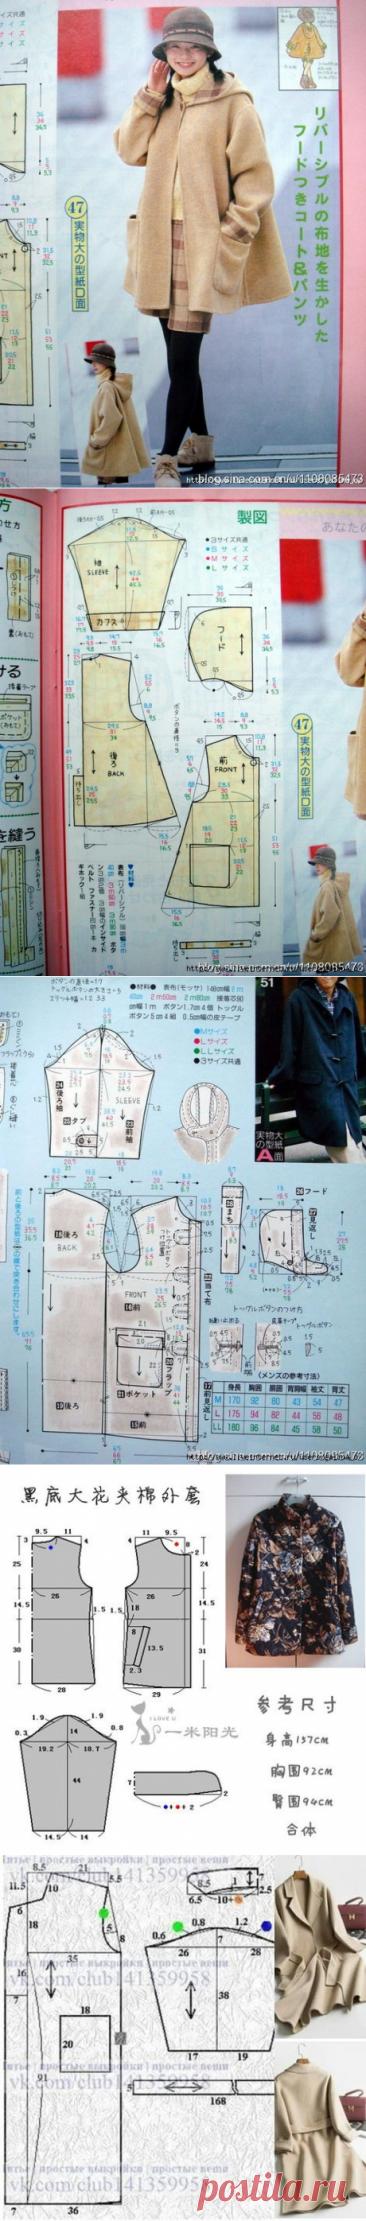 Простые выкройки пальто (много) / Простые выкройки / ВТОРАЯ УЛИЦА